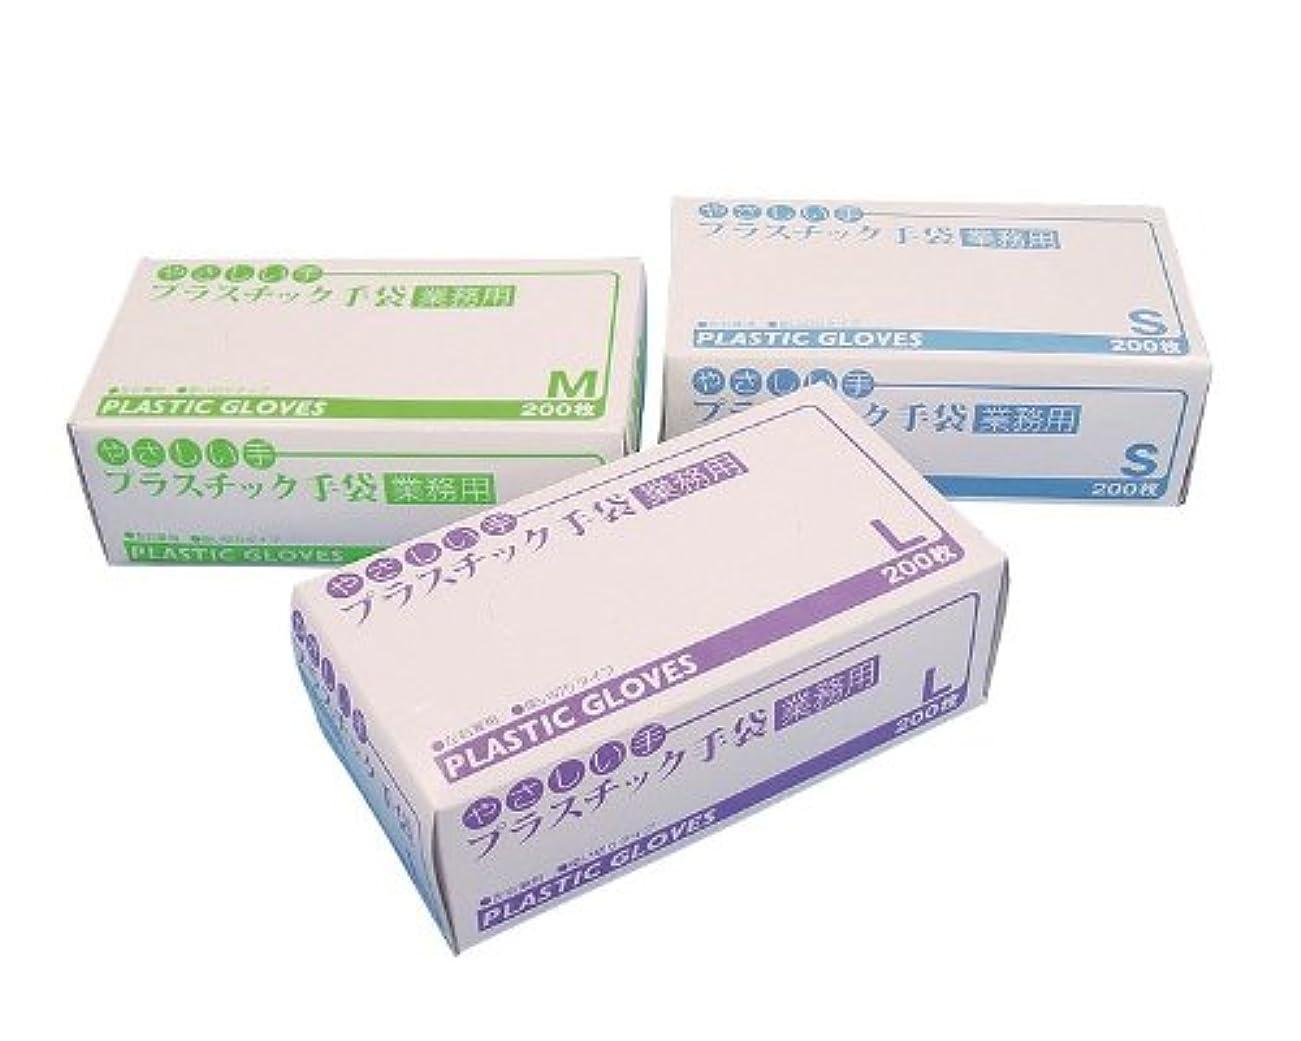 気を散らす科学者路面電車やさしい手 プラスチック手袋 業務用 OM-460 200枚入/Lサイズ